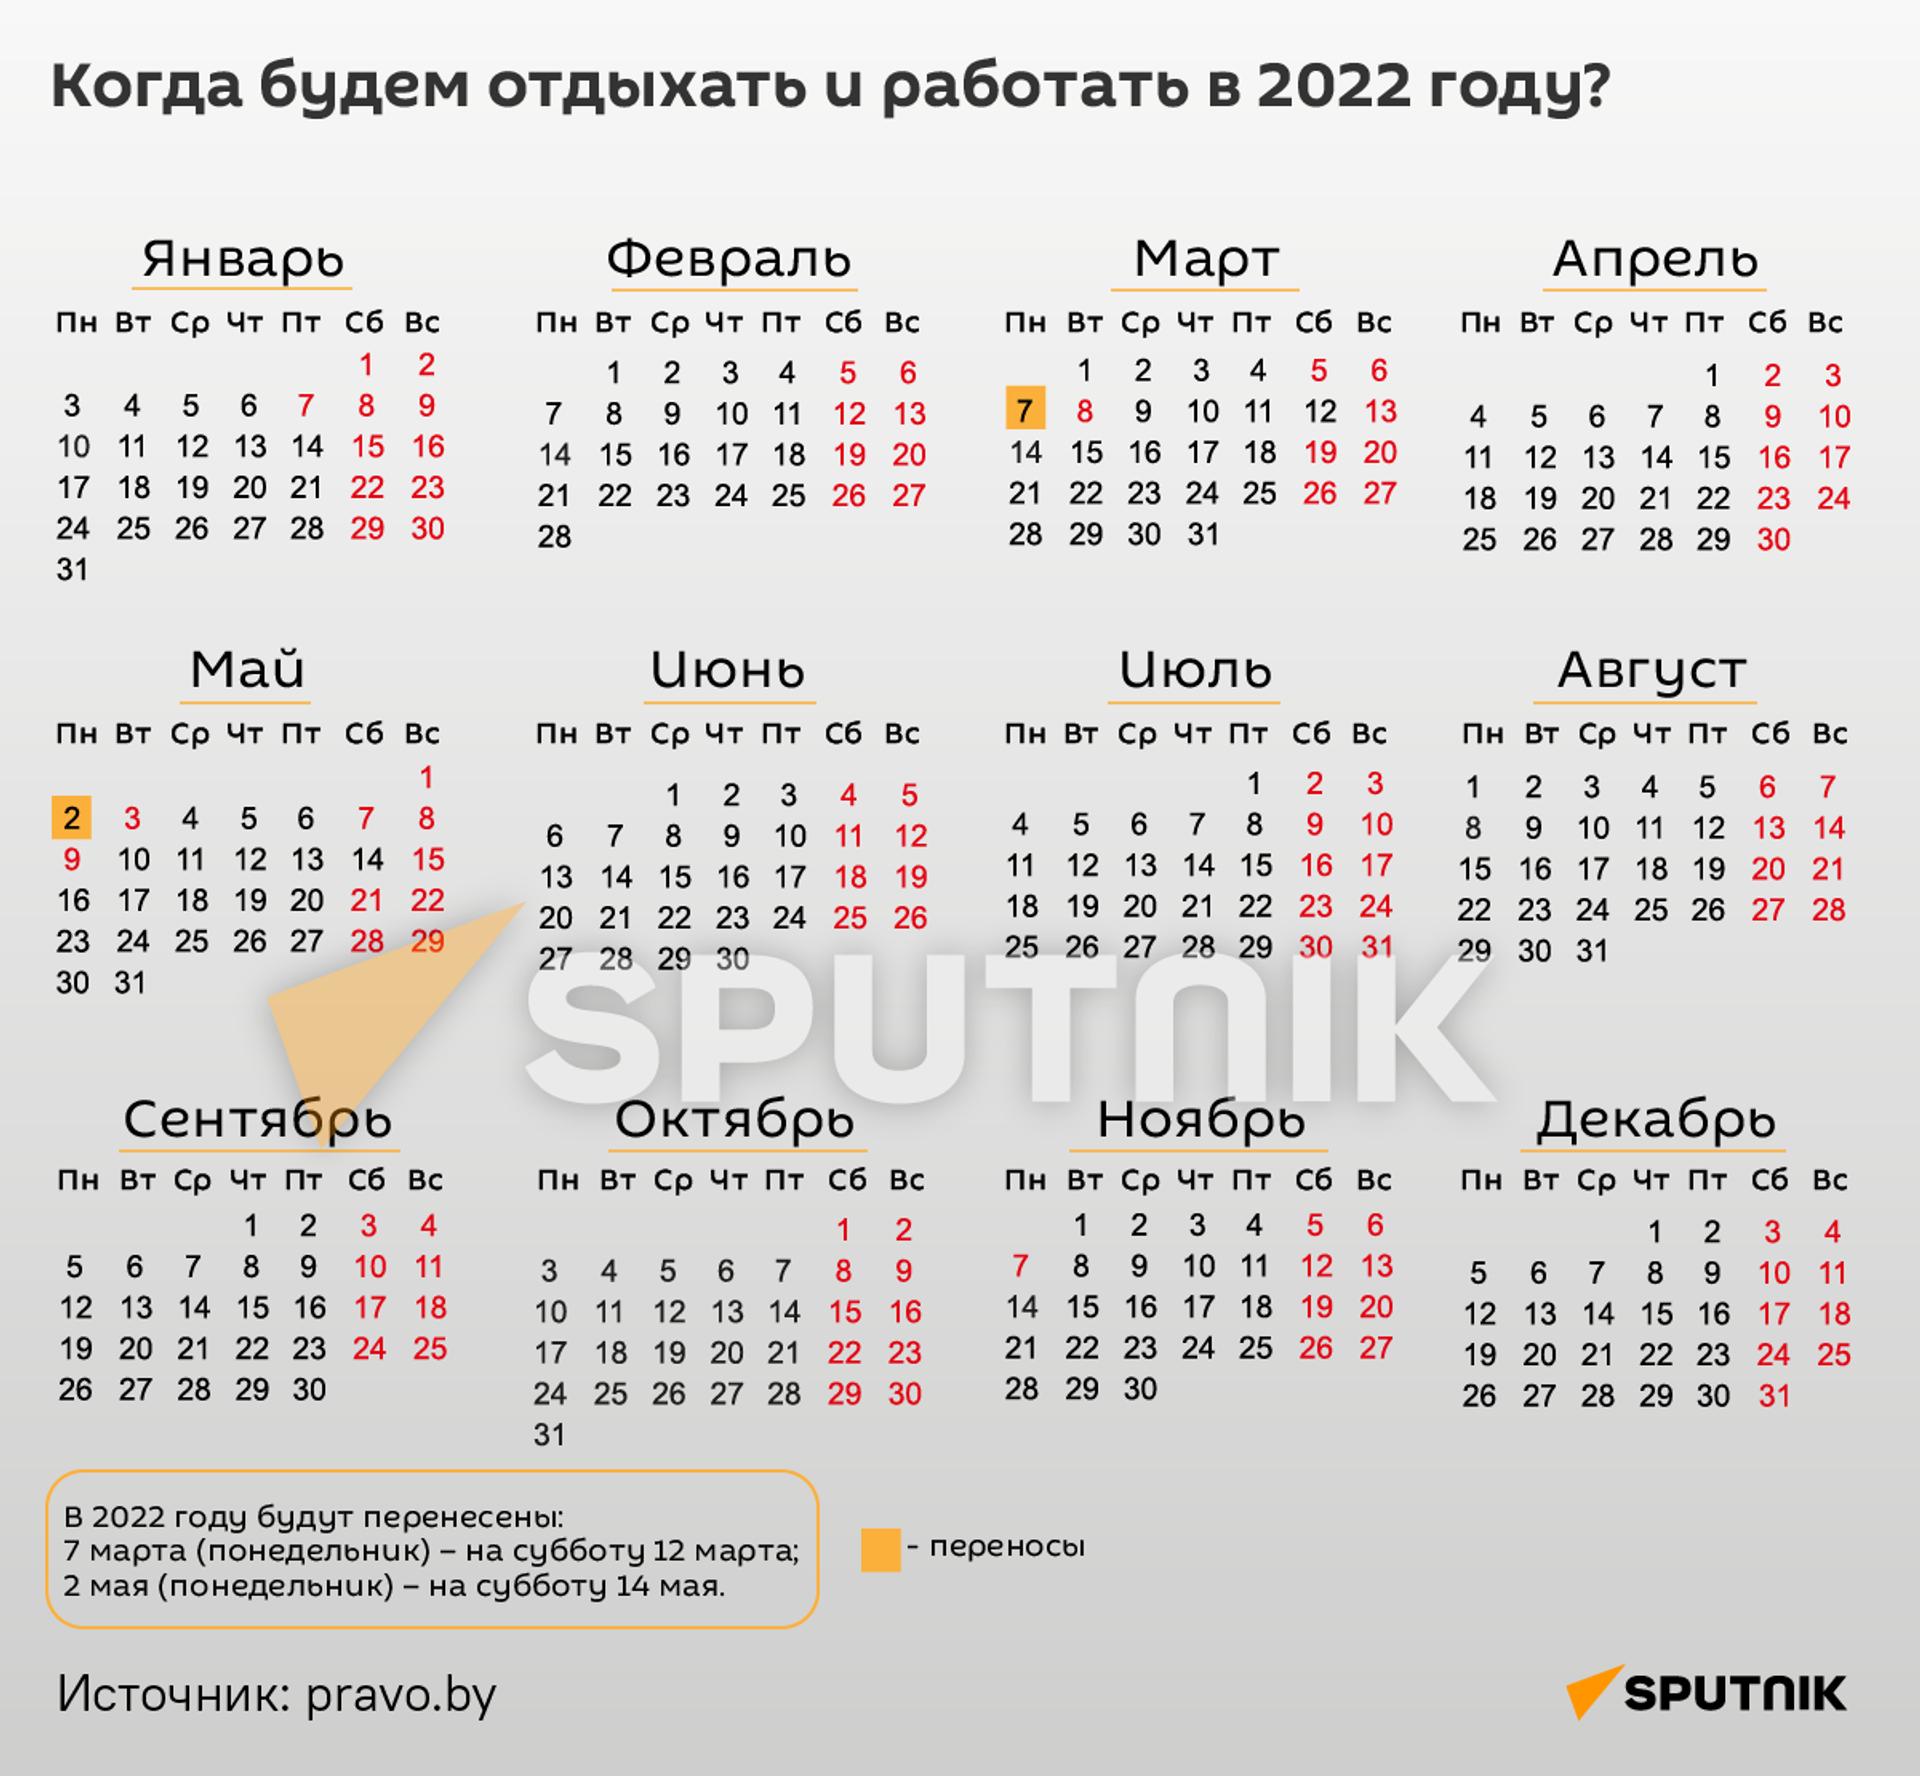 График переносов рабочих дней в 2022 году - Sputnik Беларусь, 1920, 12.10.2021